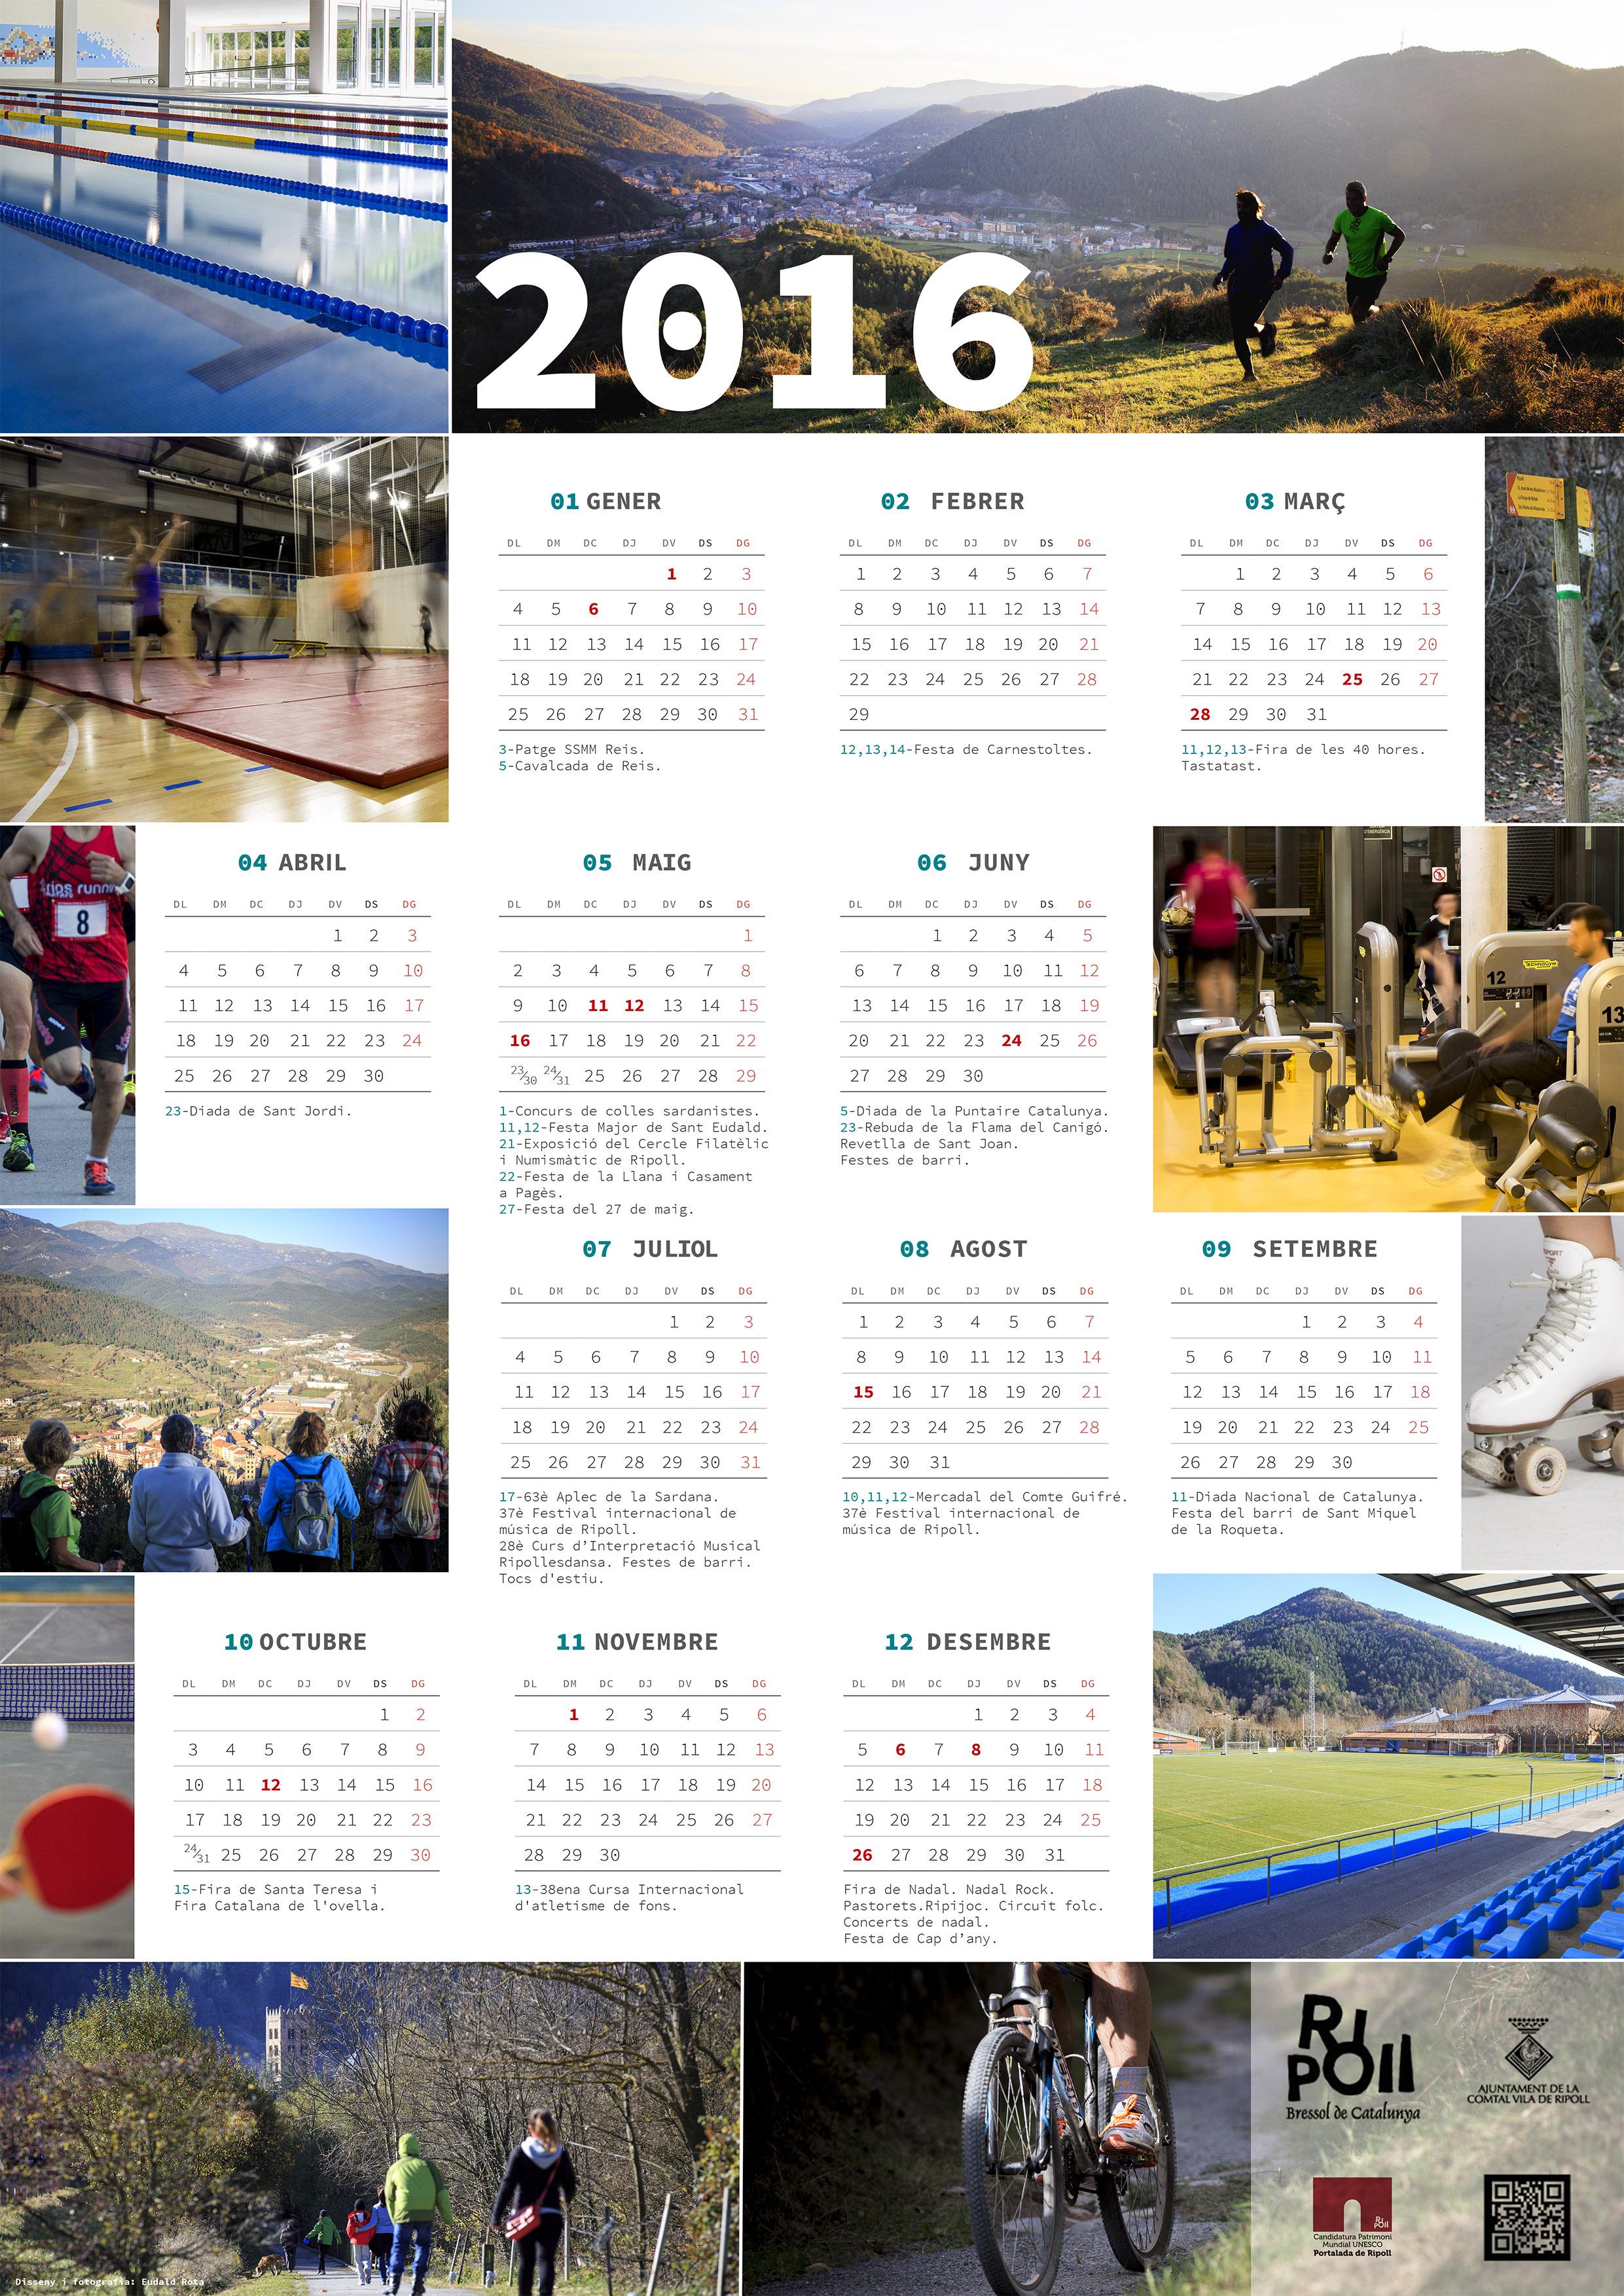 Disseny i fotografia del calendari de l'ajuntament de Ripoll 2016.